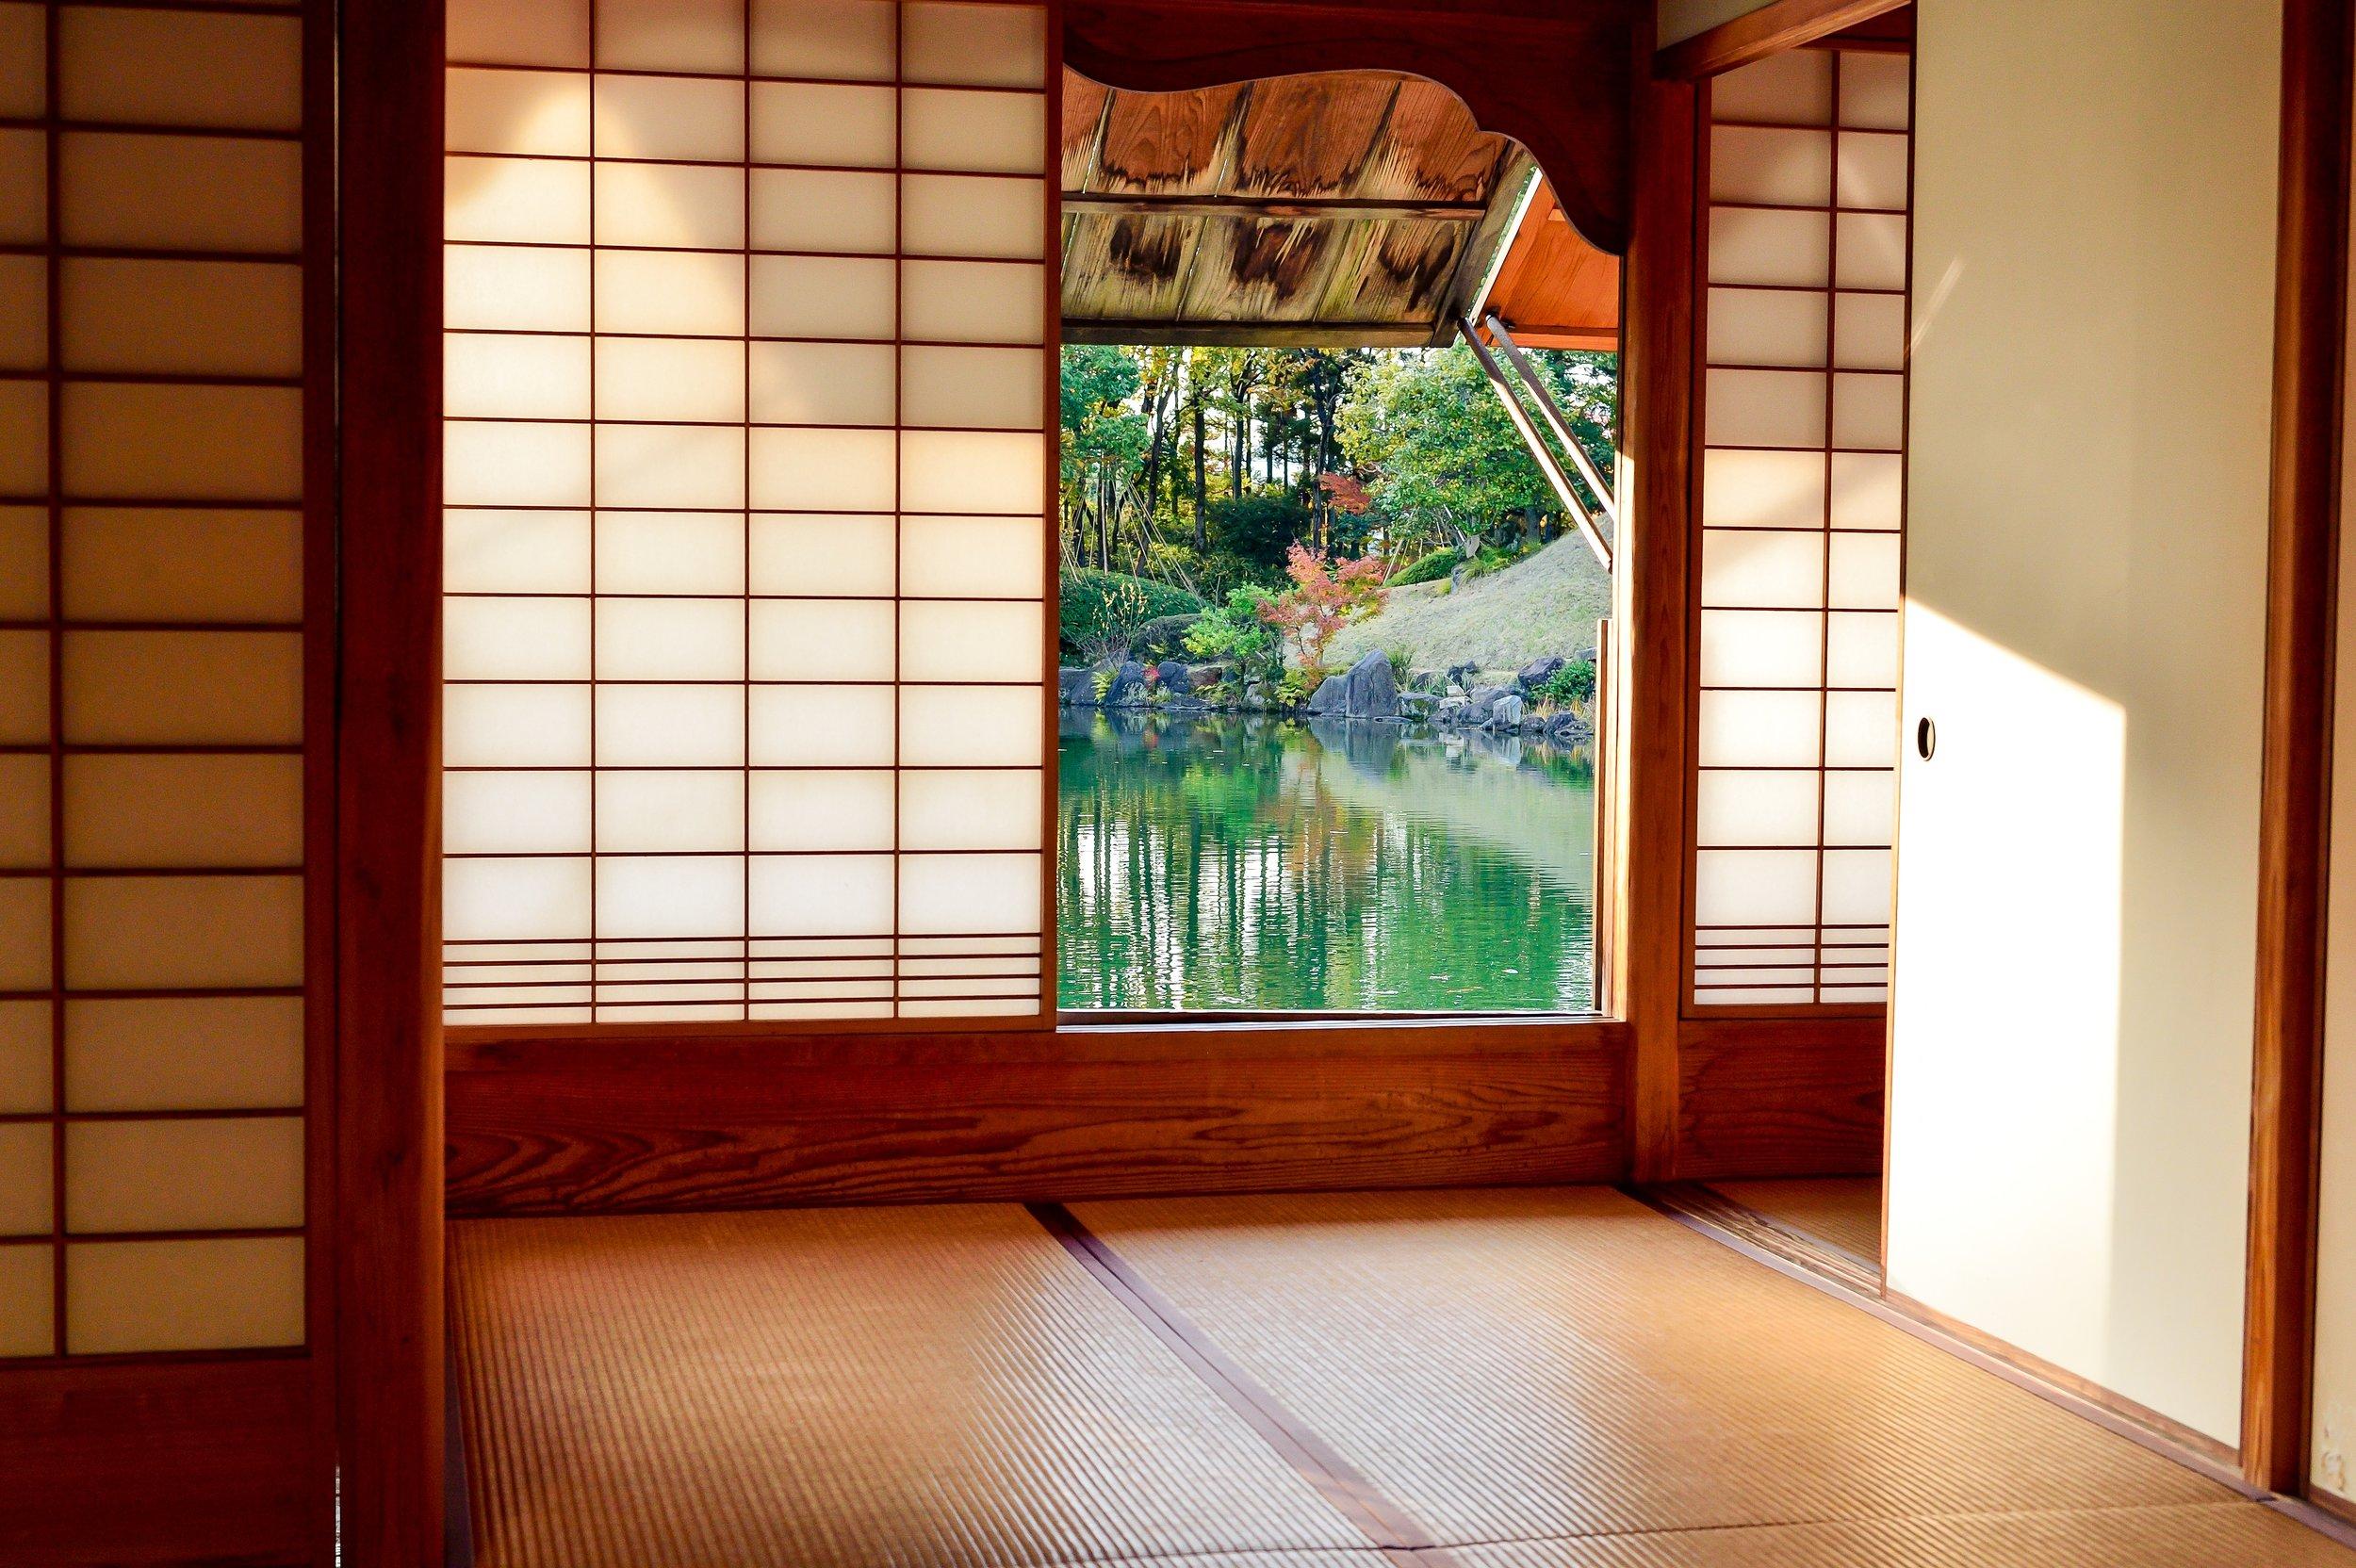 Bạn sẽ cảm thấy hối hận nếu không biết sớm hơn 11 cách tiết kiệm của người Nhật cực bổ ích này - Ảnh 5.